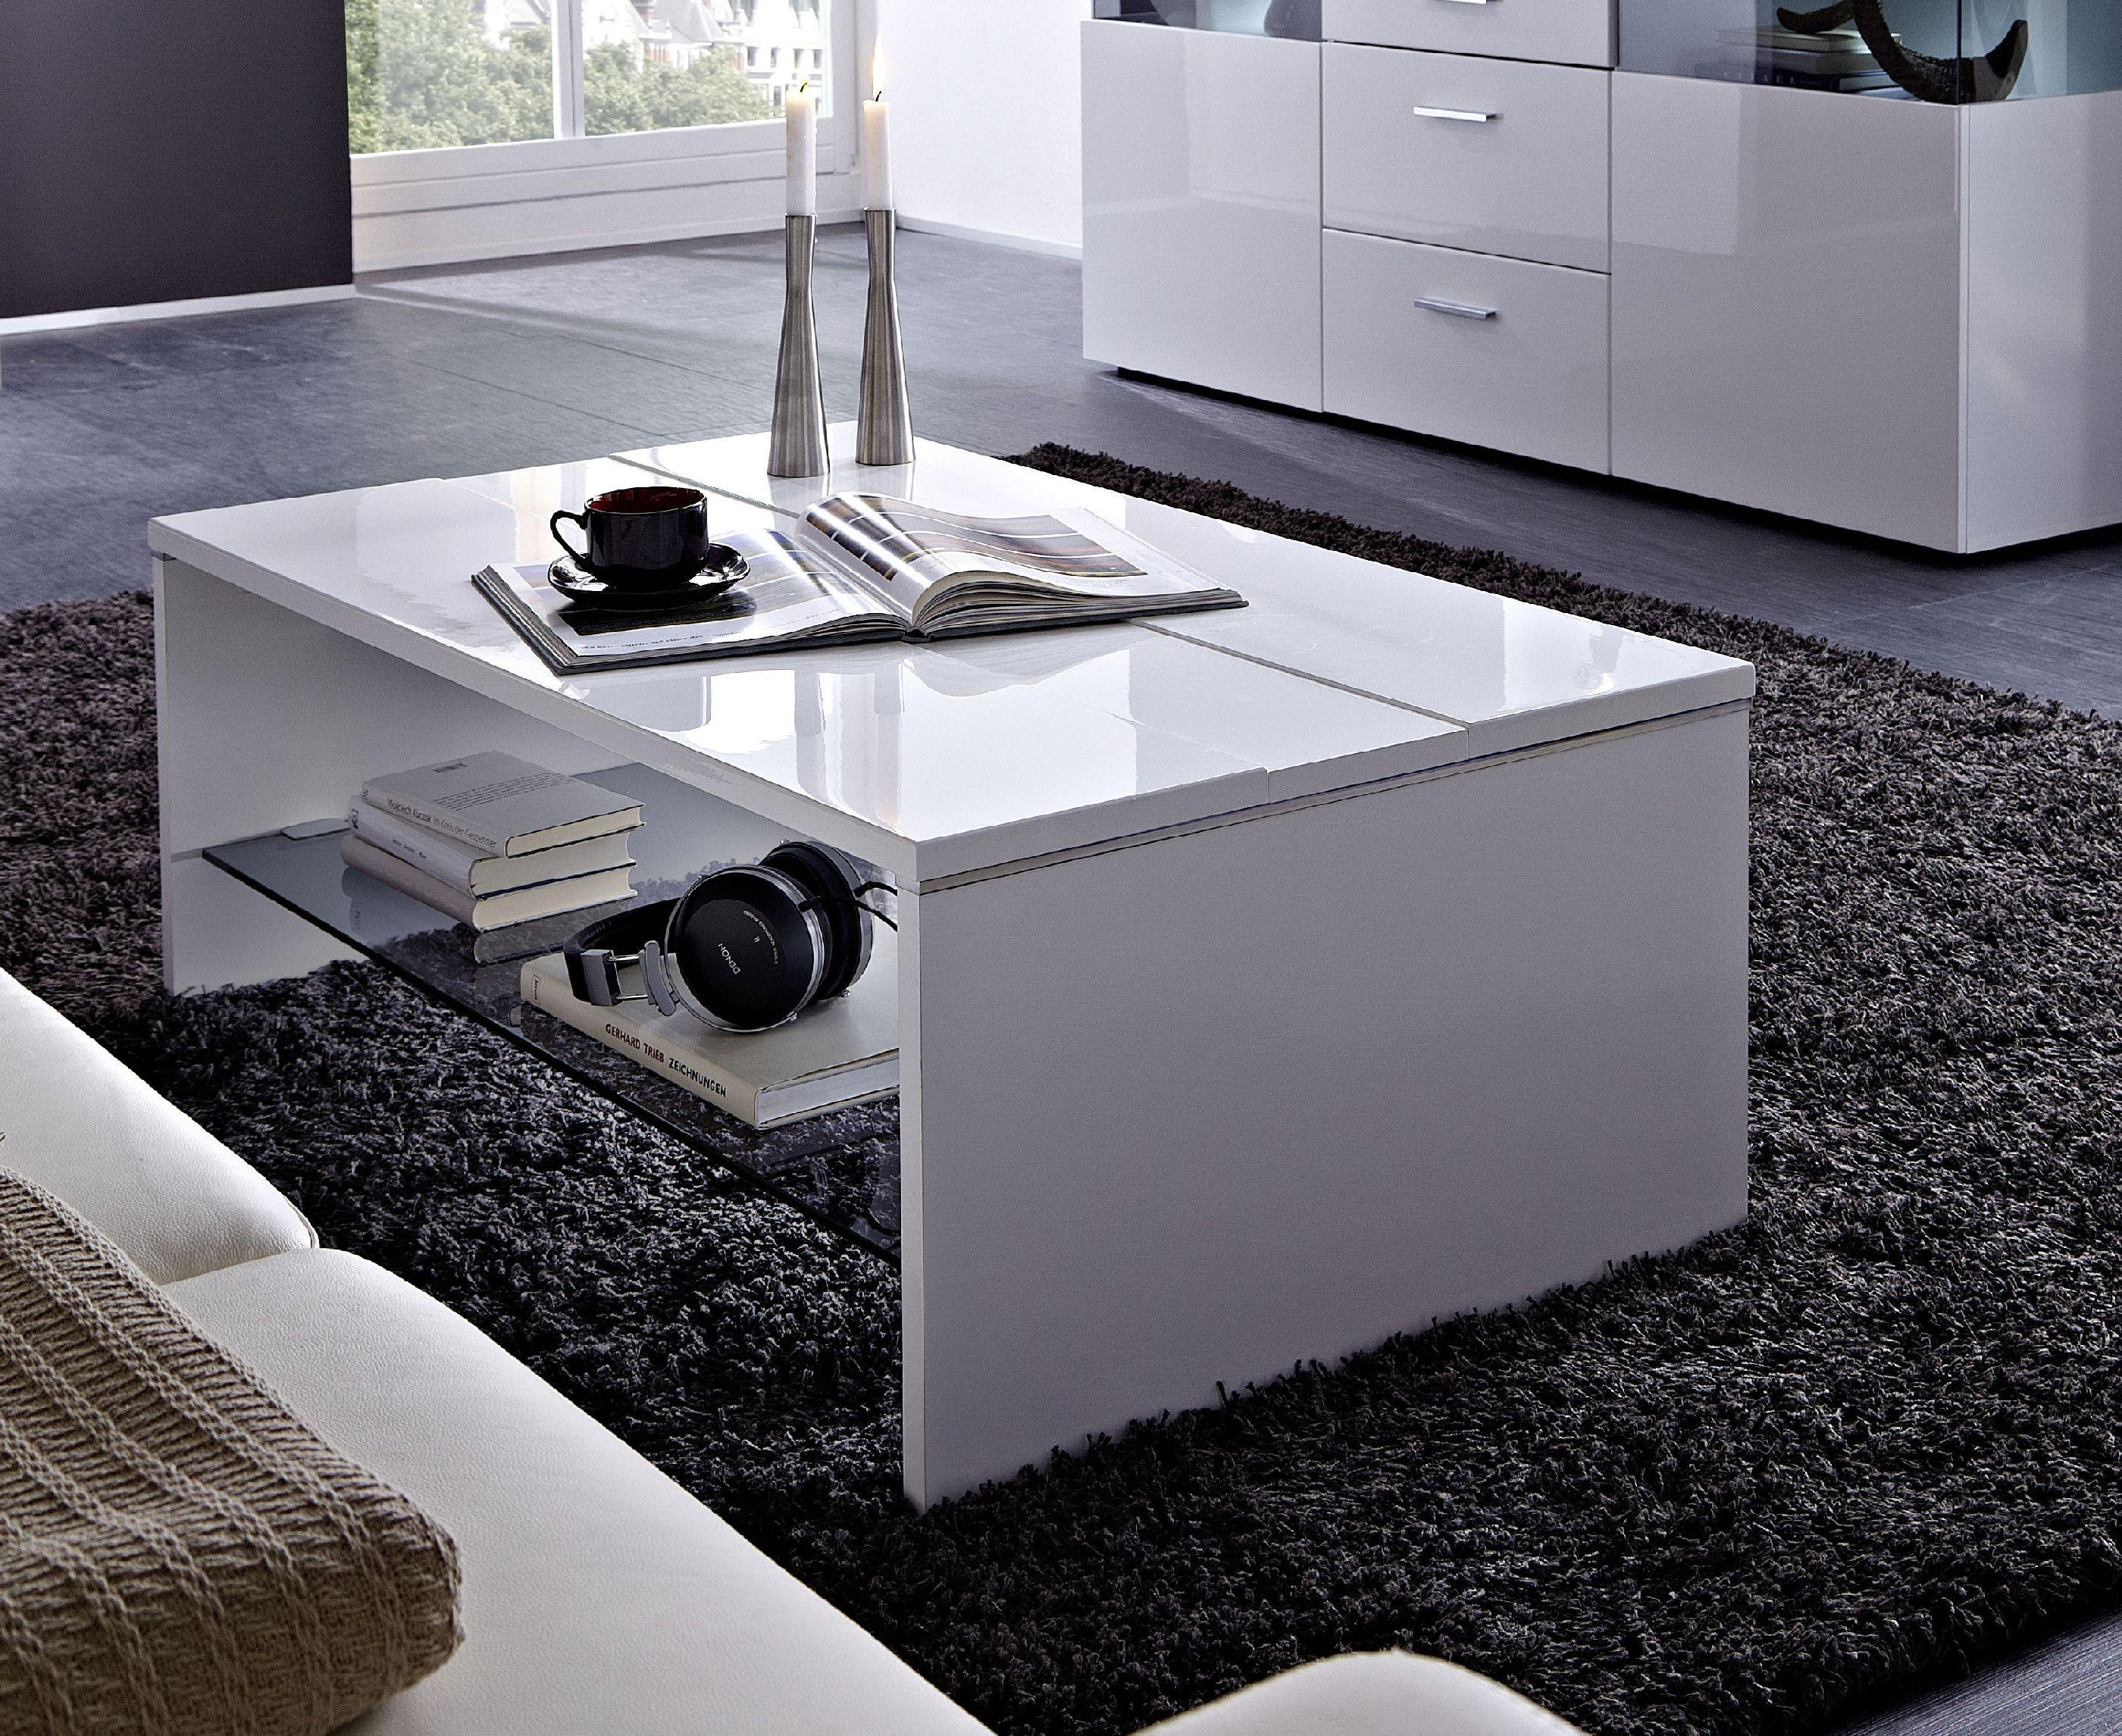 couchtisch weiss hochglanz / glas parsol grau woody 22-00428 ... - Moderne Wohnzimmertische